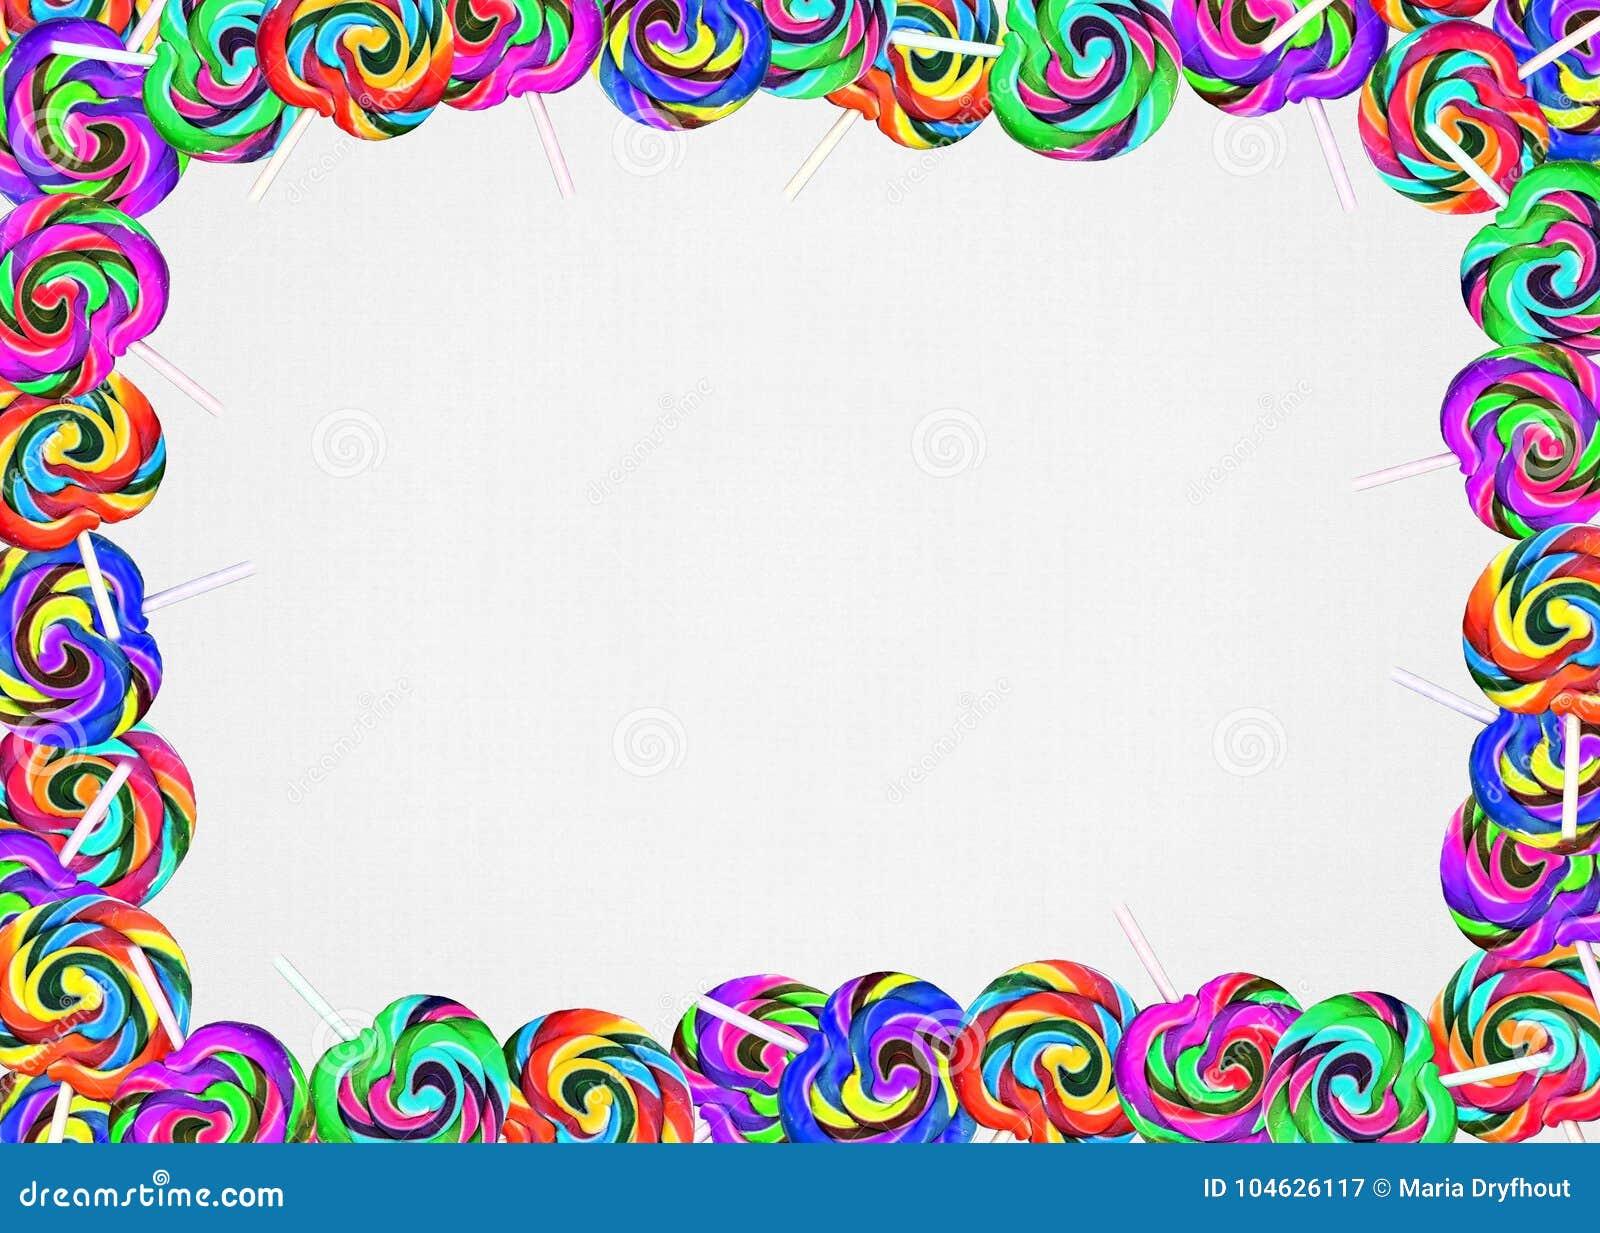 Download Kleurrijke Lollygrens Op Lege Achtergrond Stock Afbeelding - Afbeelding bestaande uit illustratie, gewaagd: 104626117